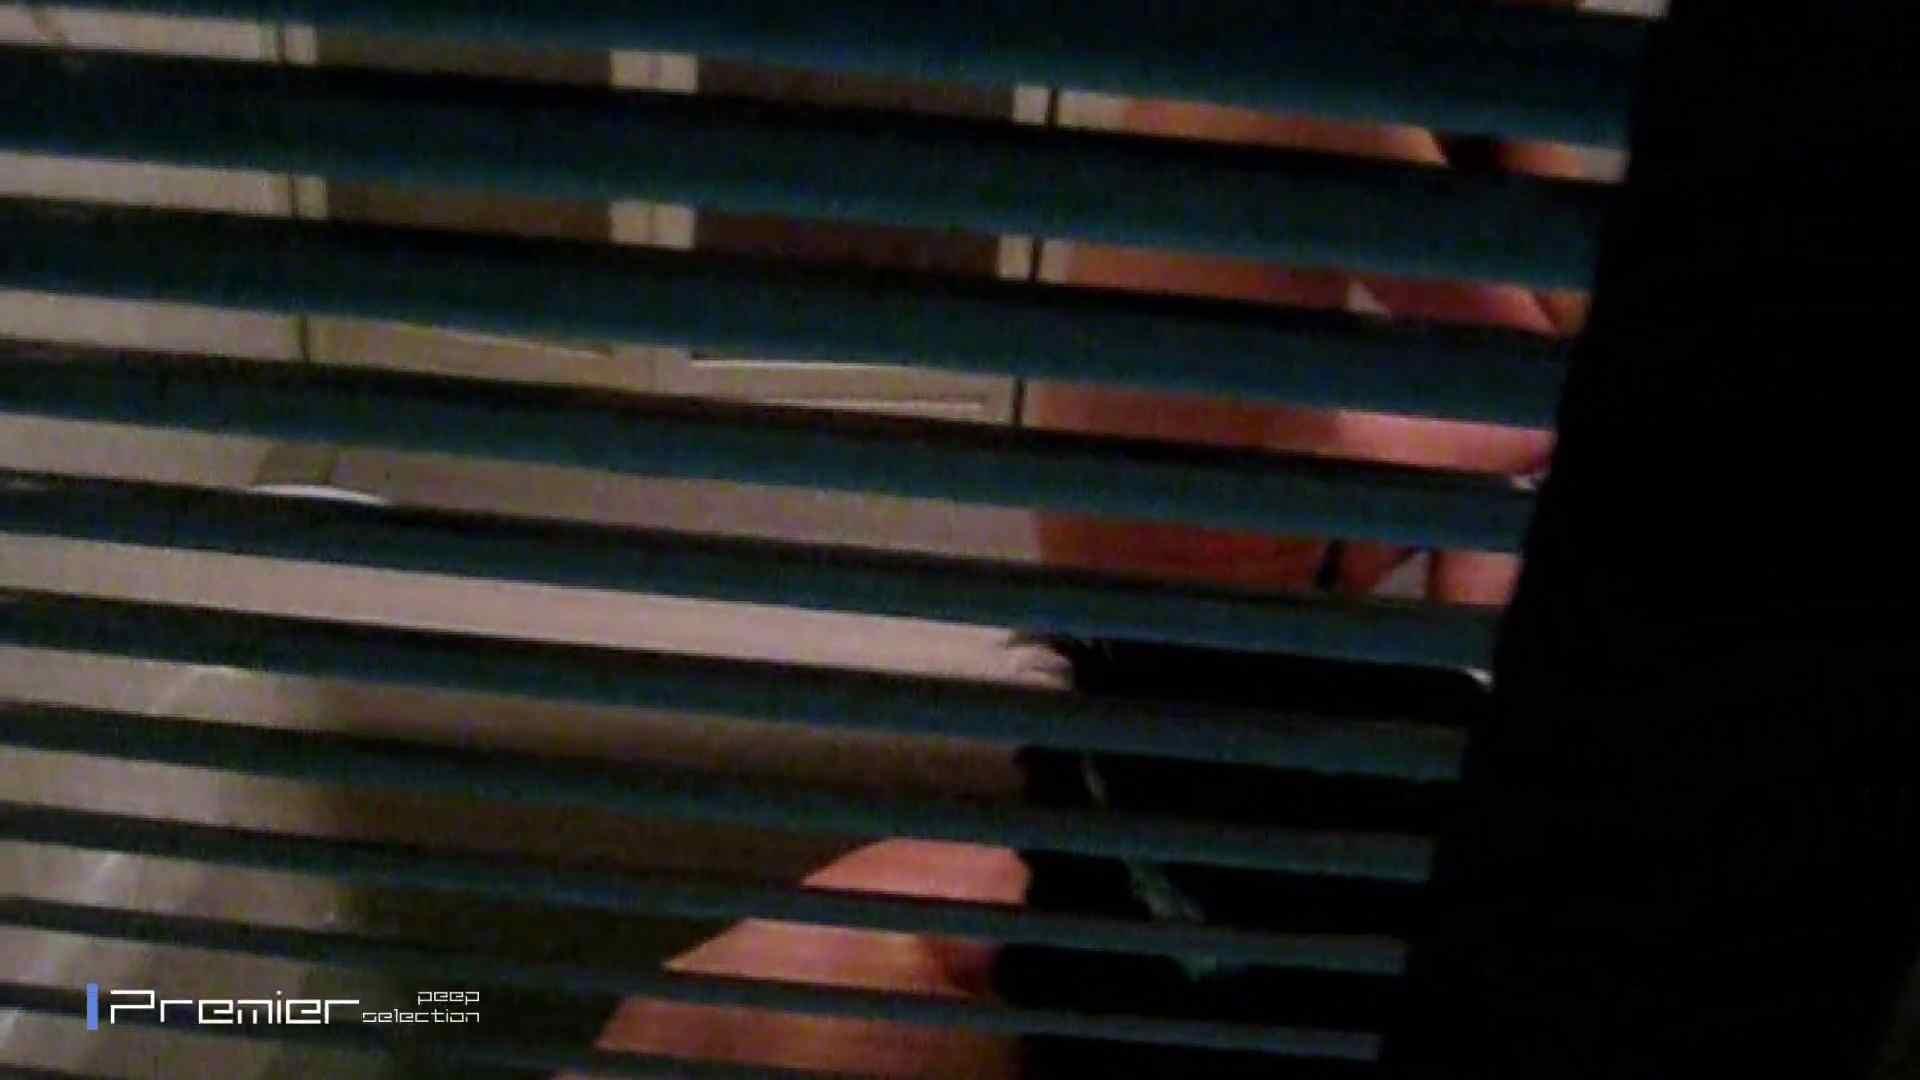 水面から透ける剛毛マン毛 乙女の風呂場 Vol.12 盗撮で悶絶 おまんこ動画流出 91画像 43